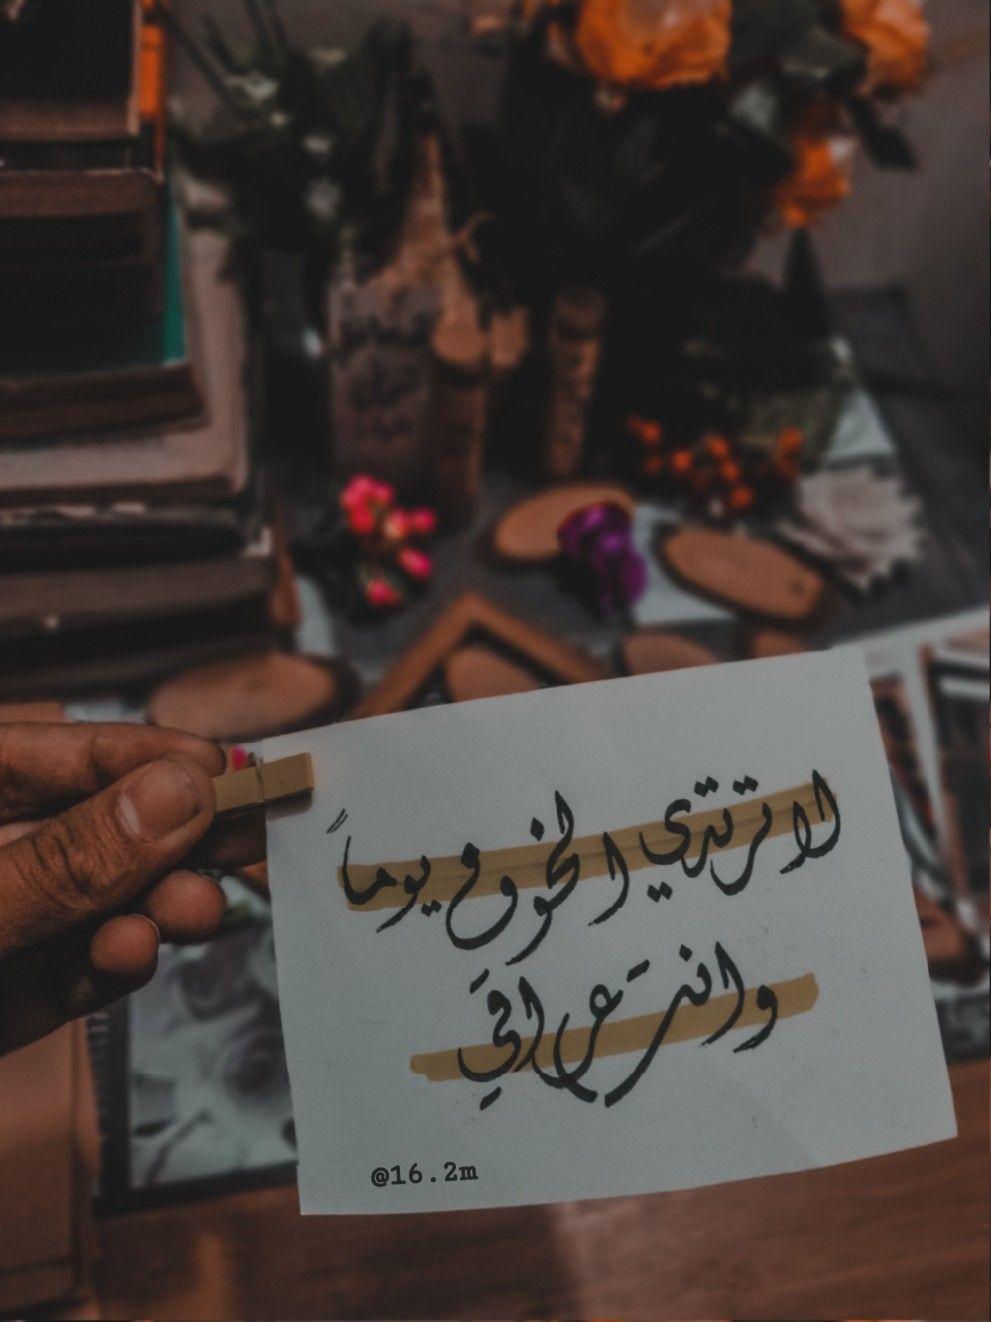 لا ترتدي الخوف يوما و أنت عراقي Instagram Instagram Photo Photo And Video